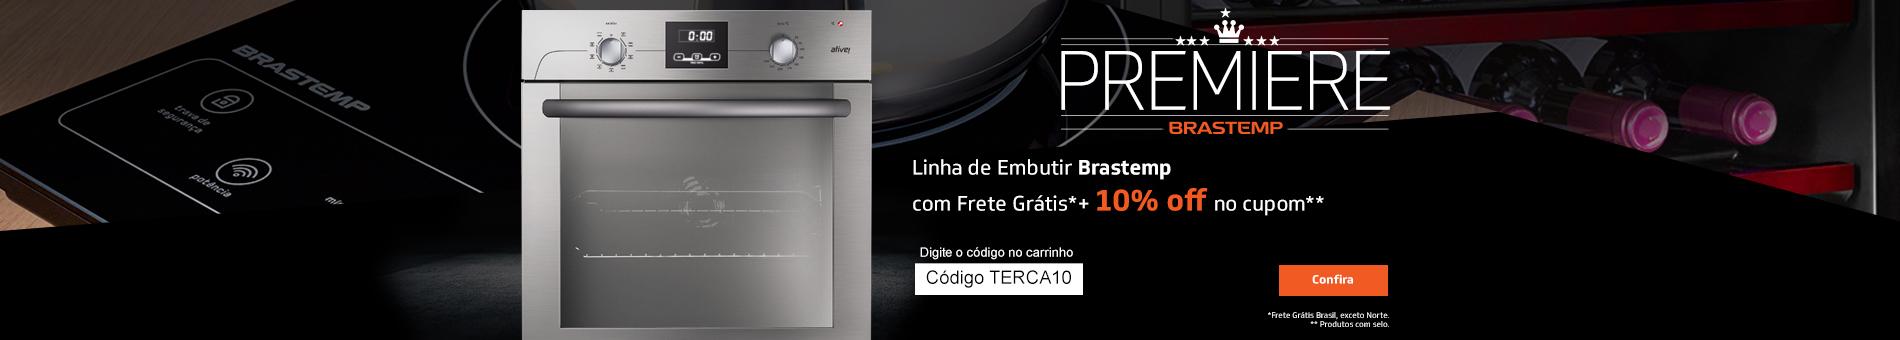 Promoção Interna - 781 - premierbrastemp_linhadeembutir_home4_29082016 - linhadeembutir - 4